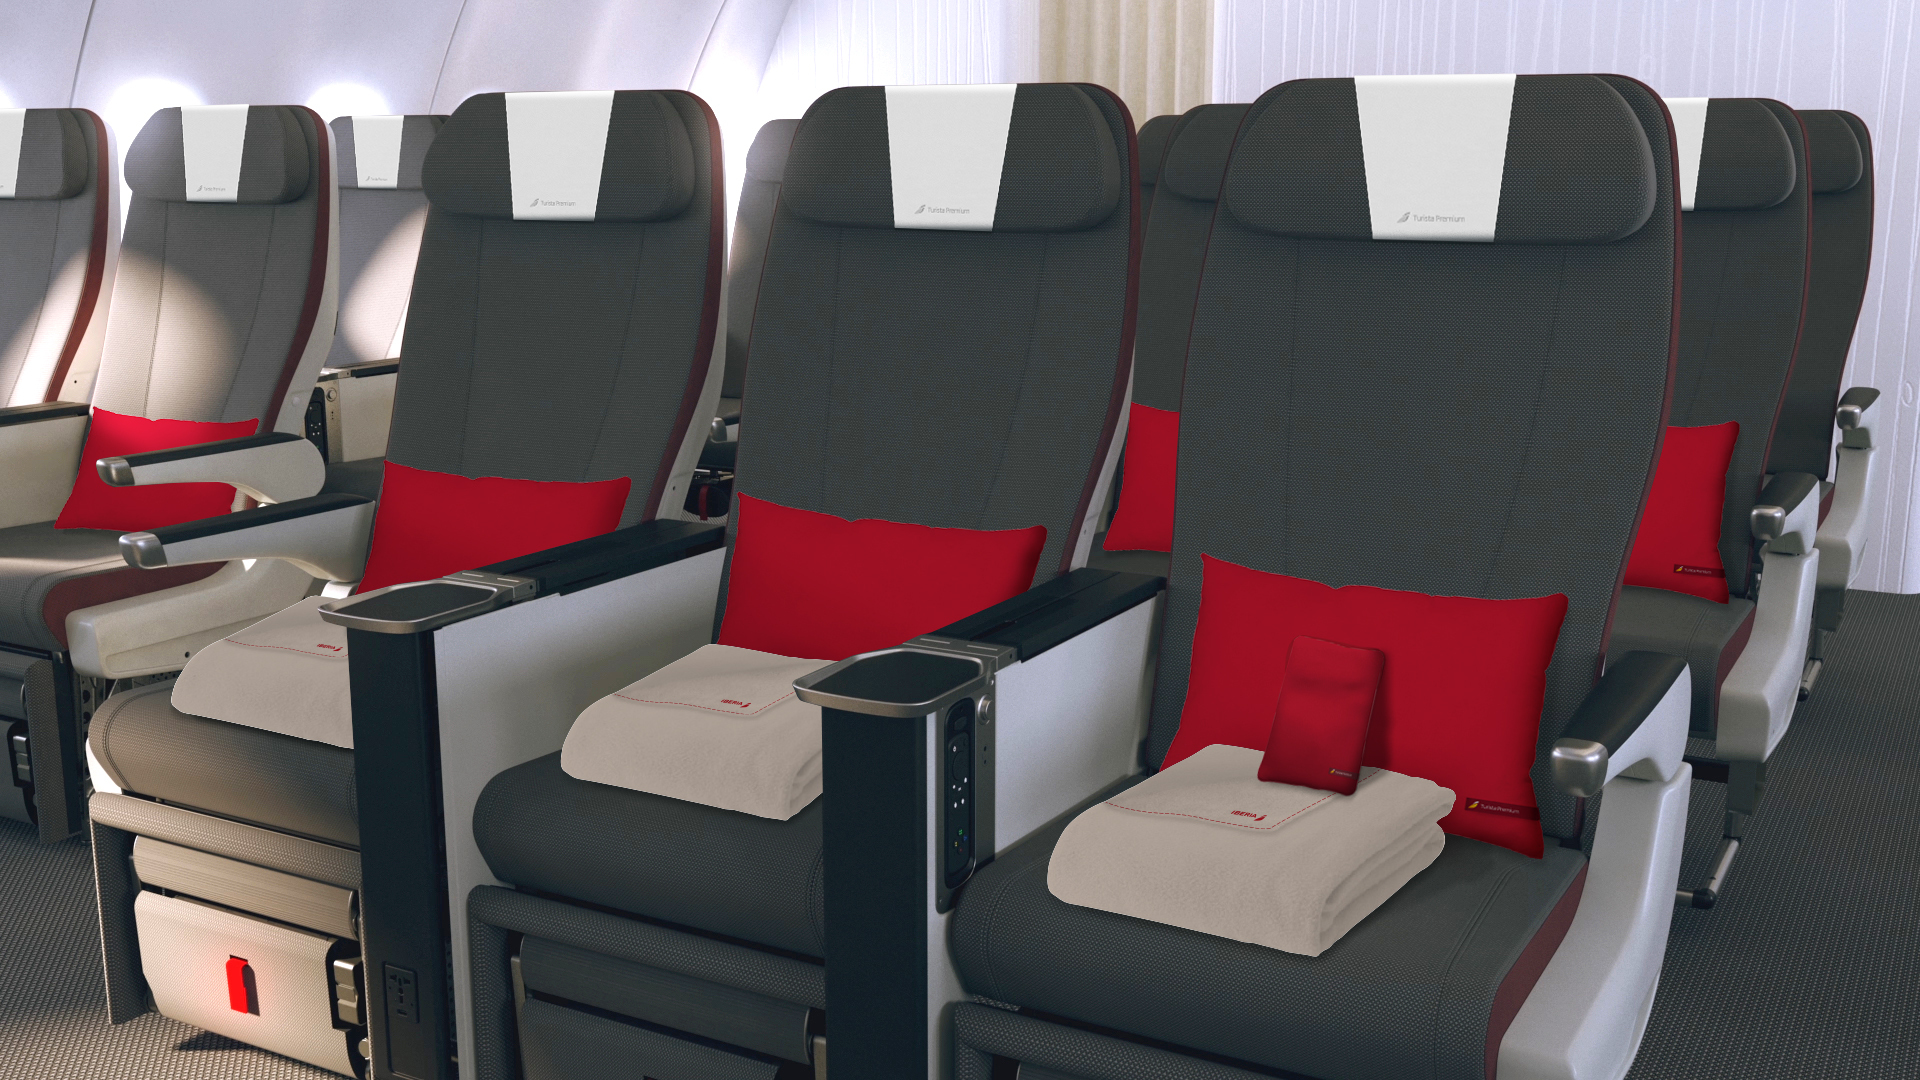 iberia-instalara-cinco-aviones-con-clase-turista-premium